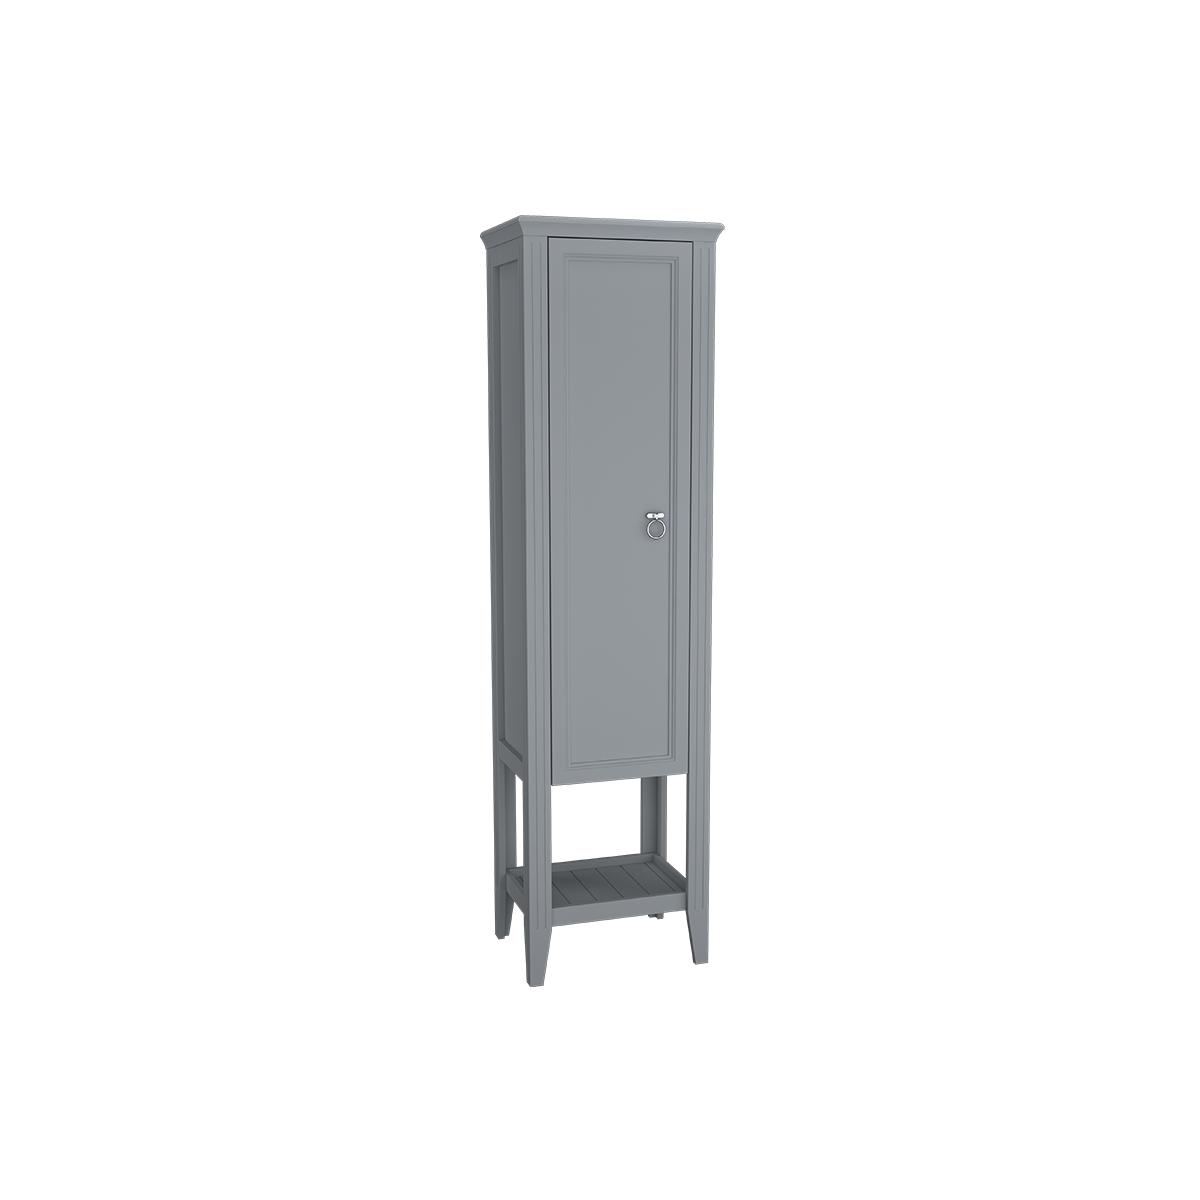 Valarte armoire haute, 55 cm, porte à gauche, gris mat